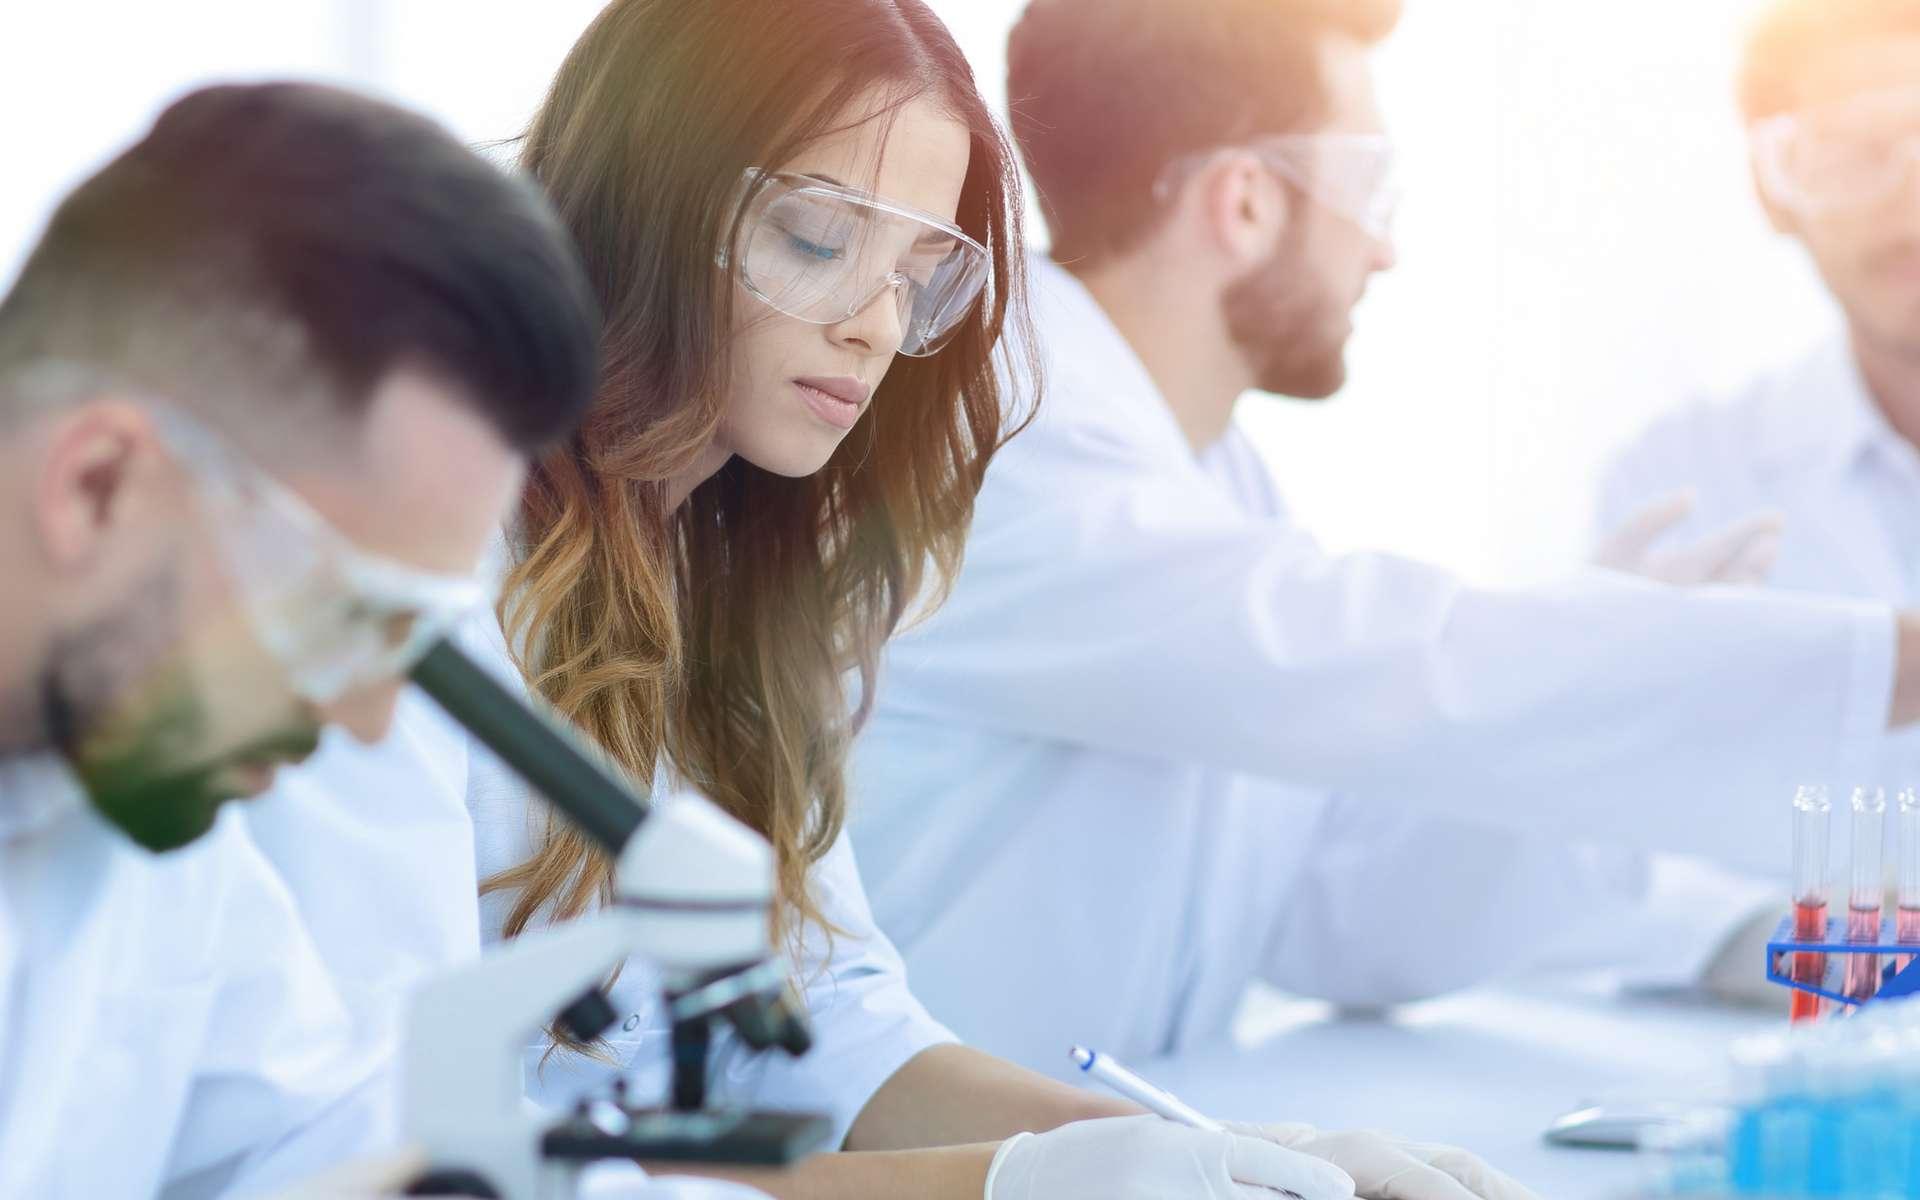 Selon le moment de la thèse, la pandémie de coronavirus a eu un impact plus ou moins délétère. © ASDF, Adobe Stock